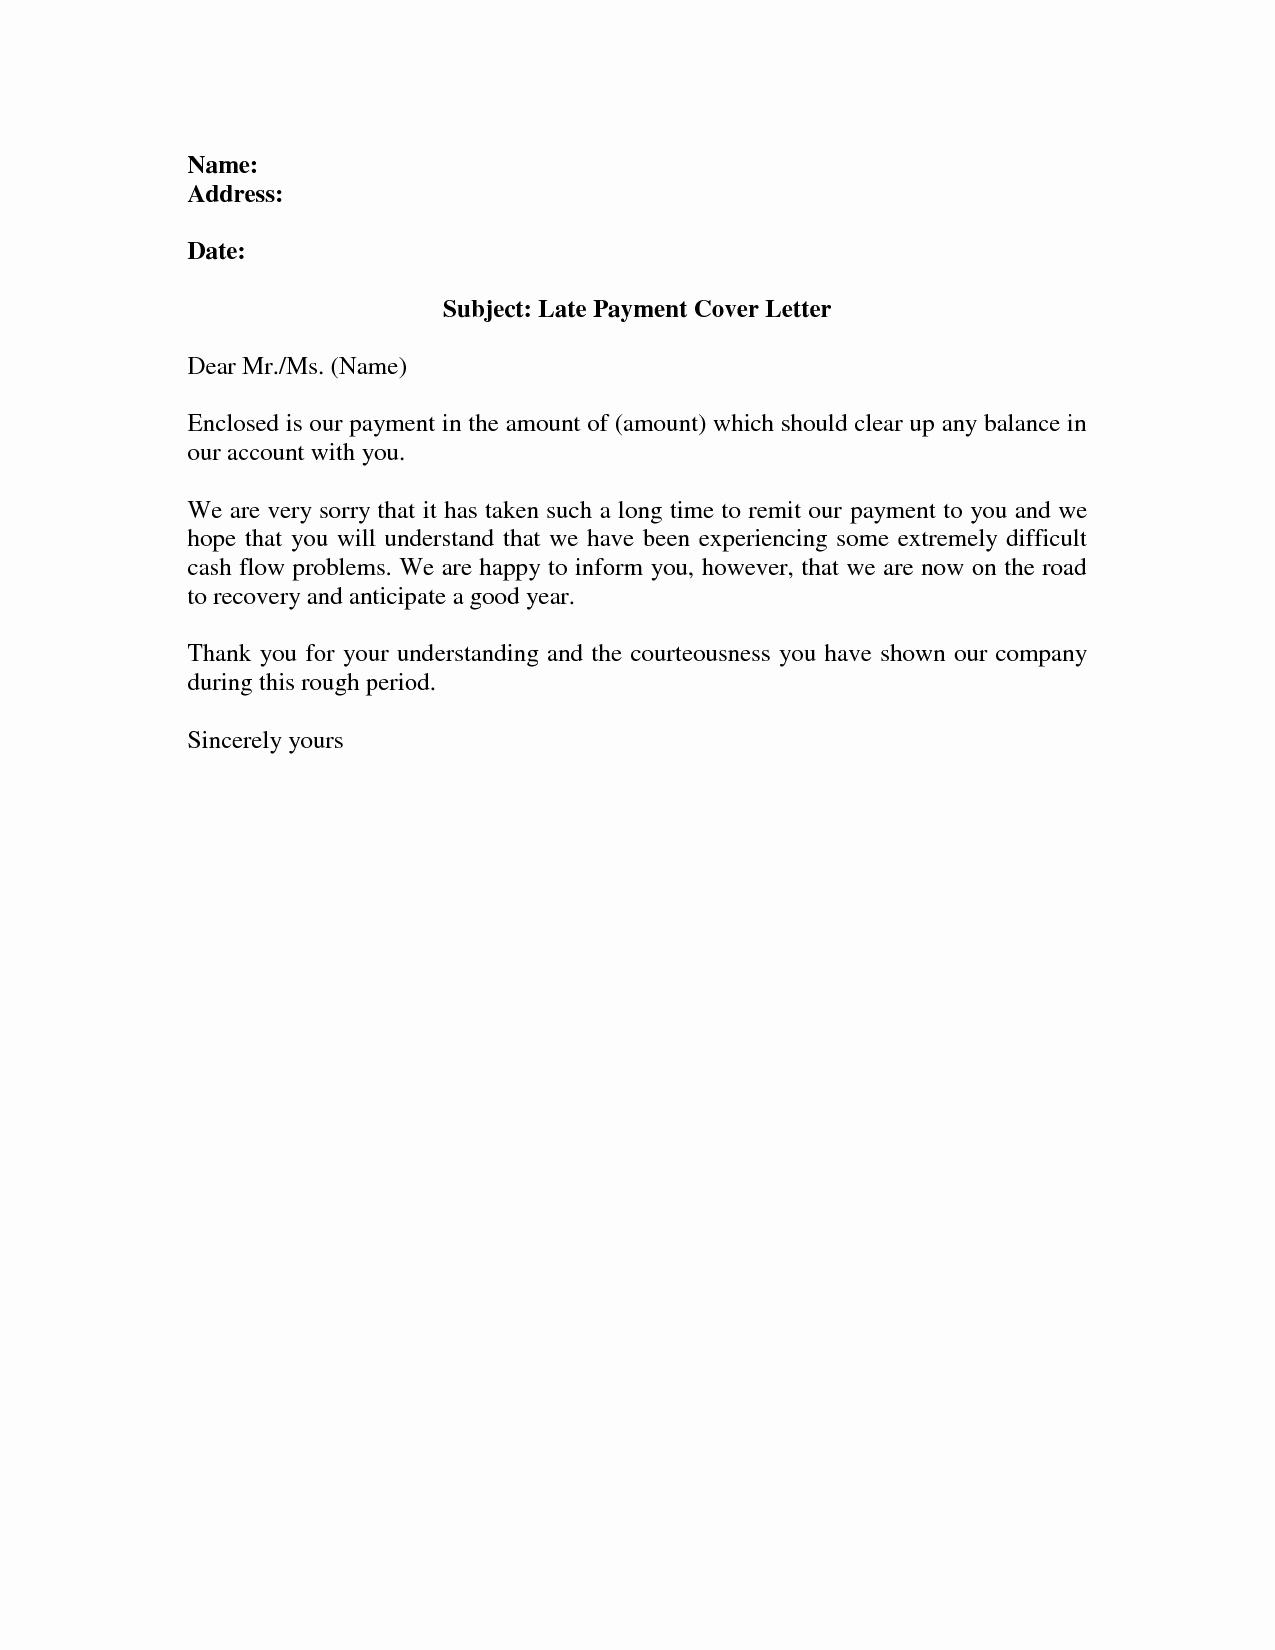 Sample Letter Explaining Late Payments Unique Late Payment Cover Letter Tenant Later Payment Letter